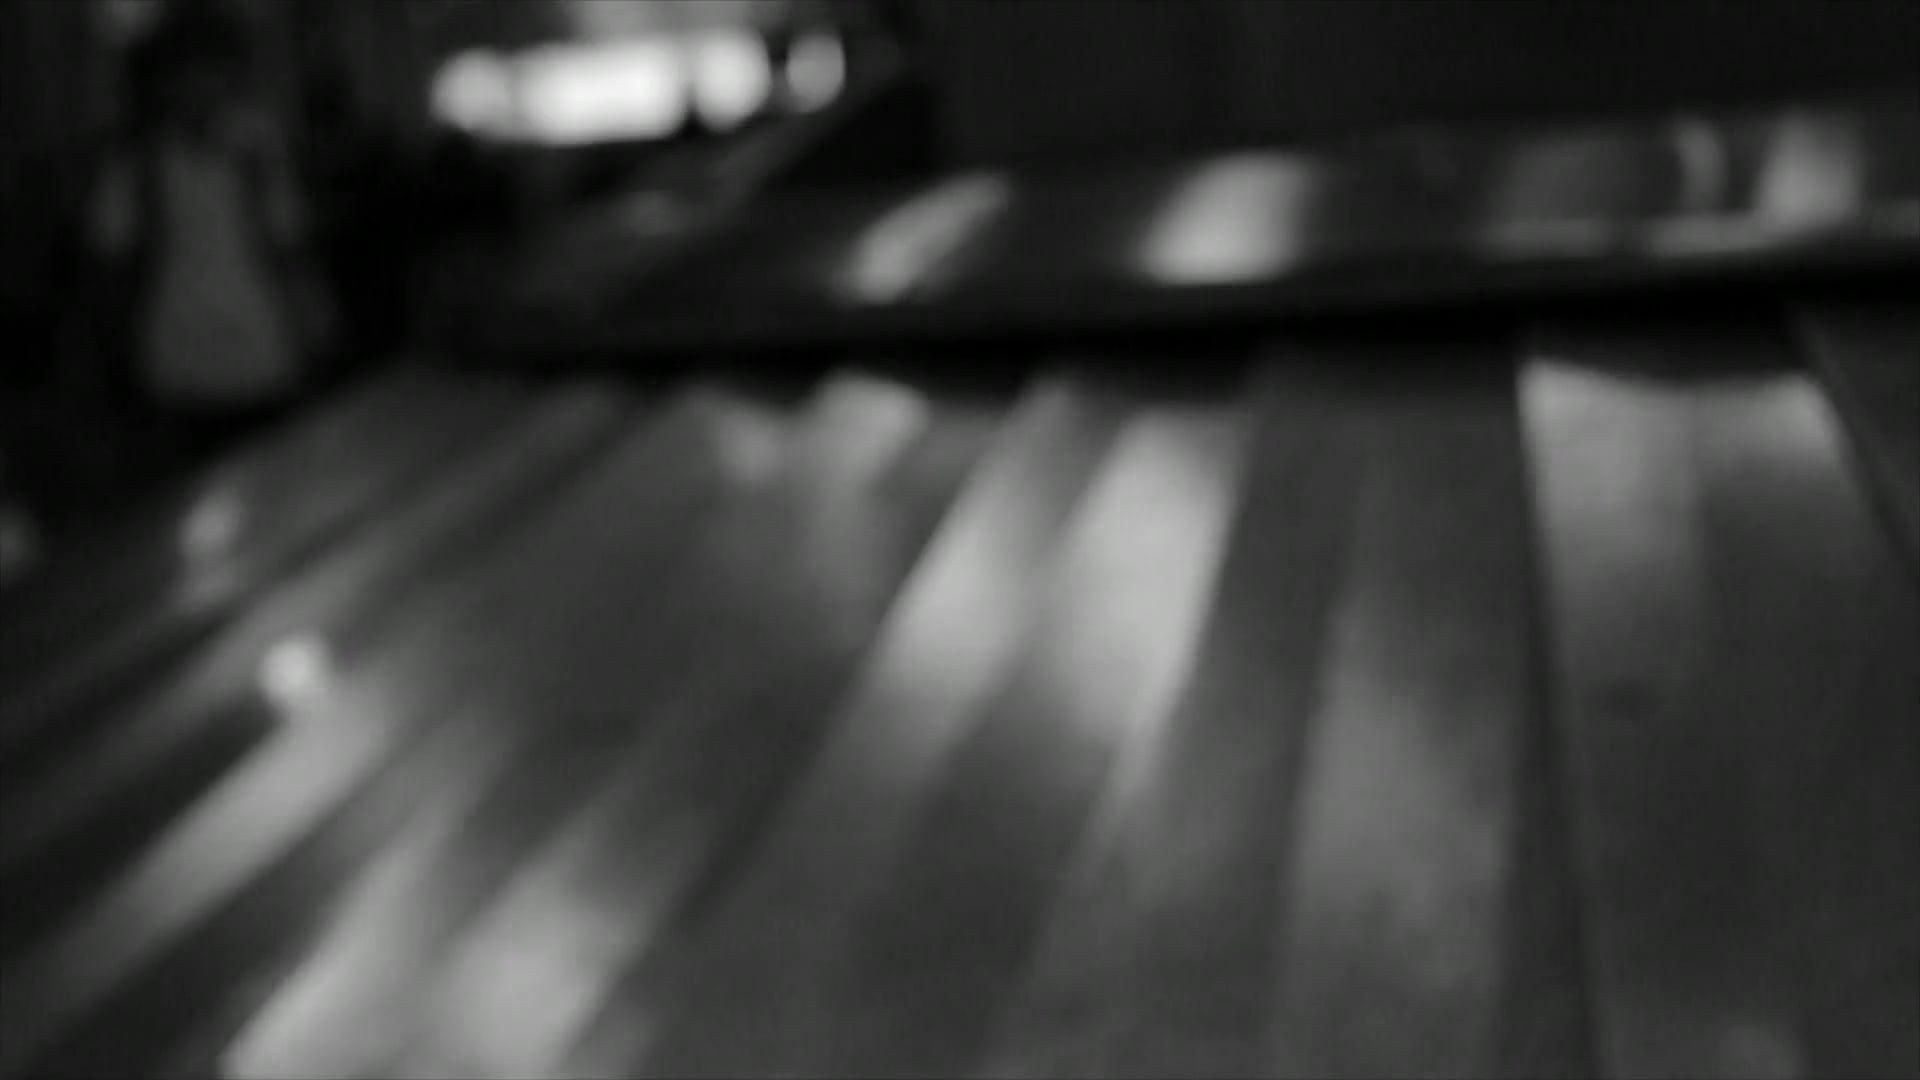 Δωρεάν μαύρο δευτερόλεπτο βίντεο